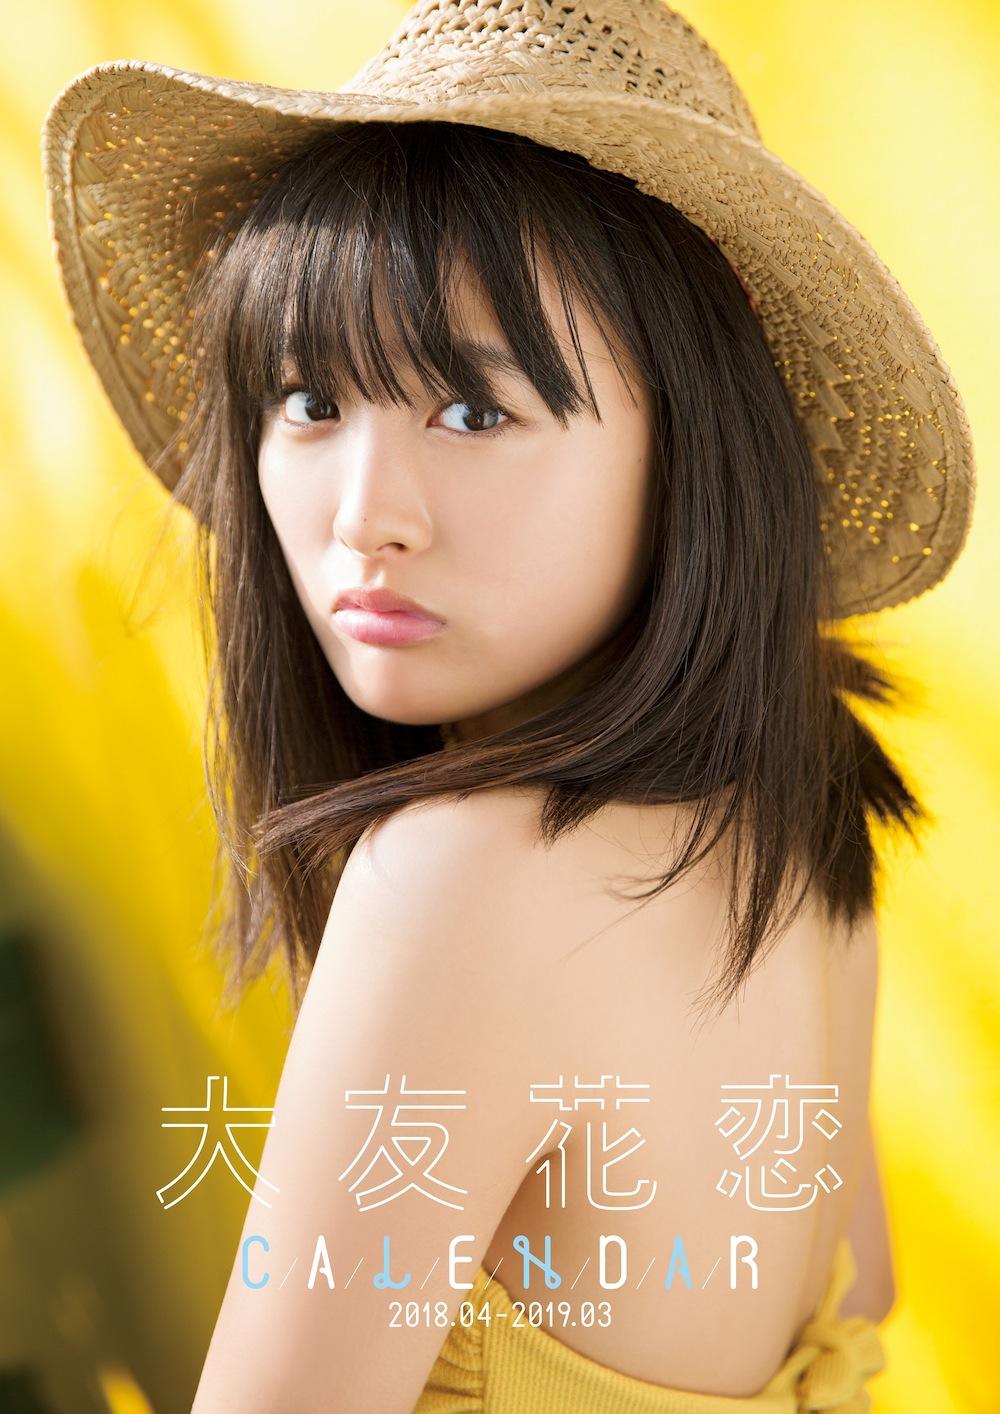 大友花恋カレンダー2018.04-2019.03